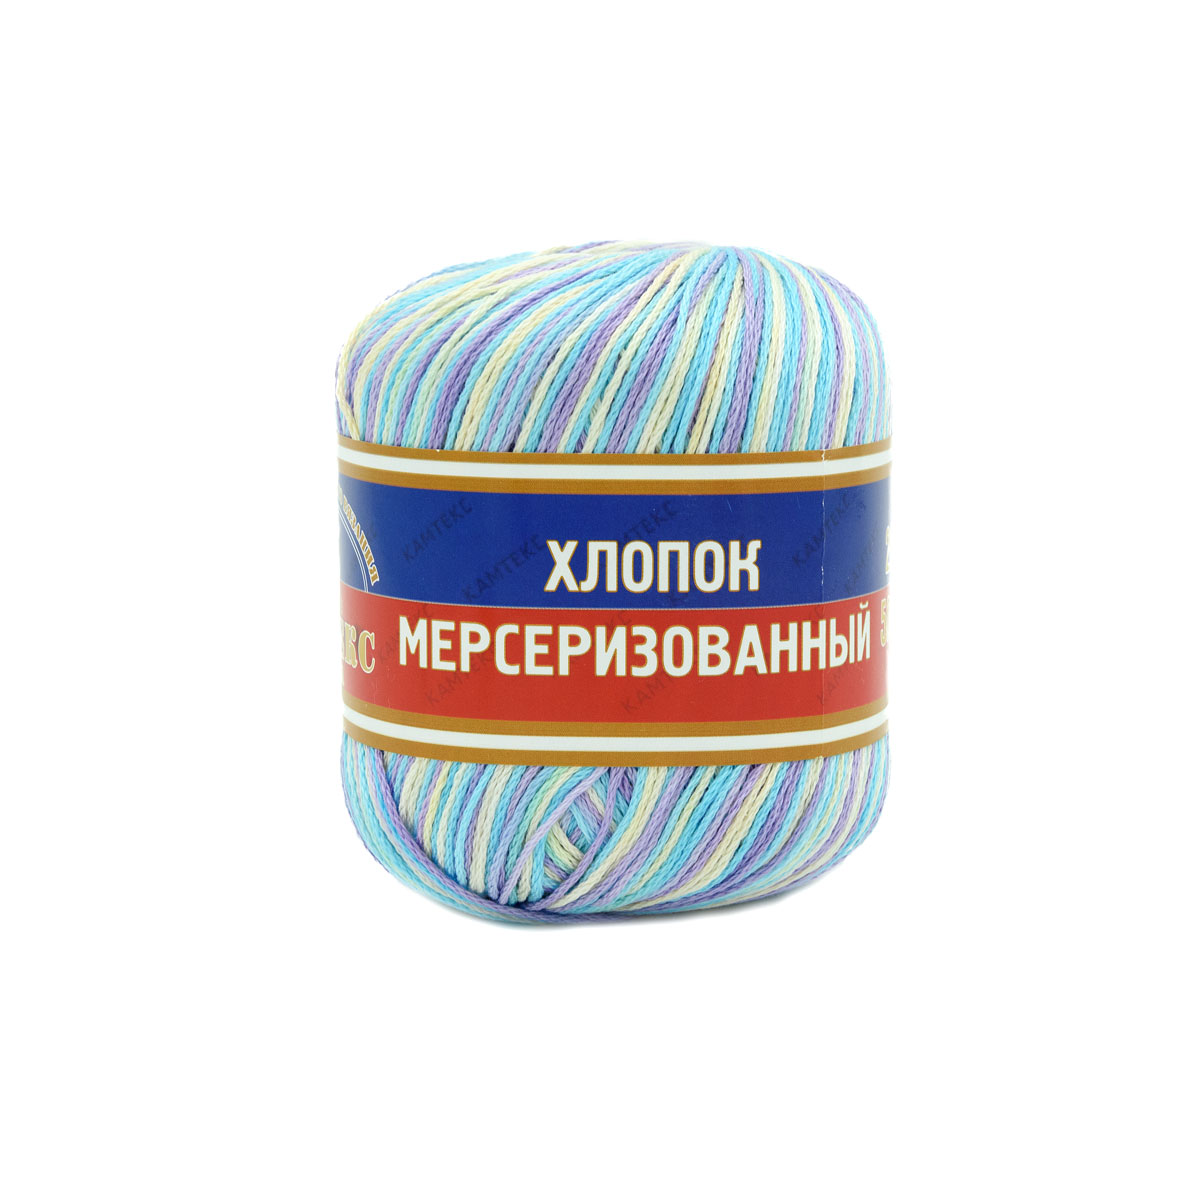 Мерсеризованный хлопок: что это такое, отличия от обычного | натуральные | mattrasik.ru